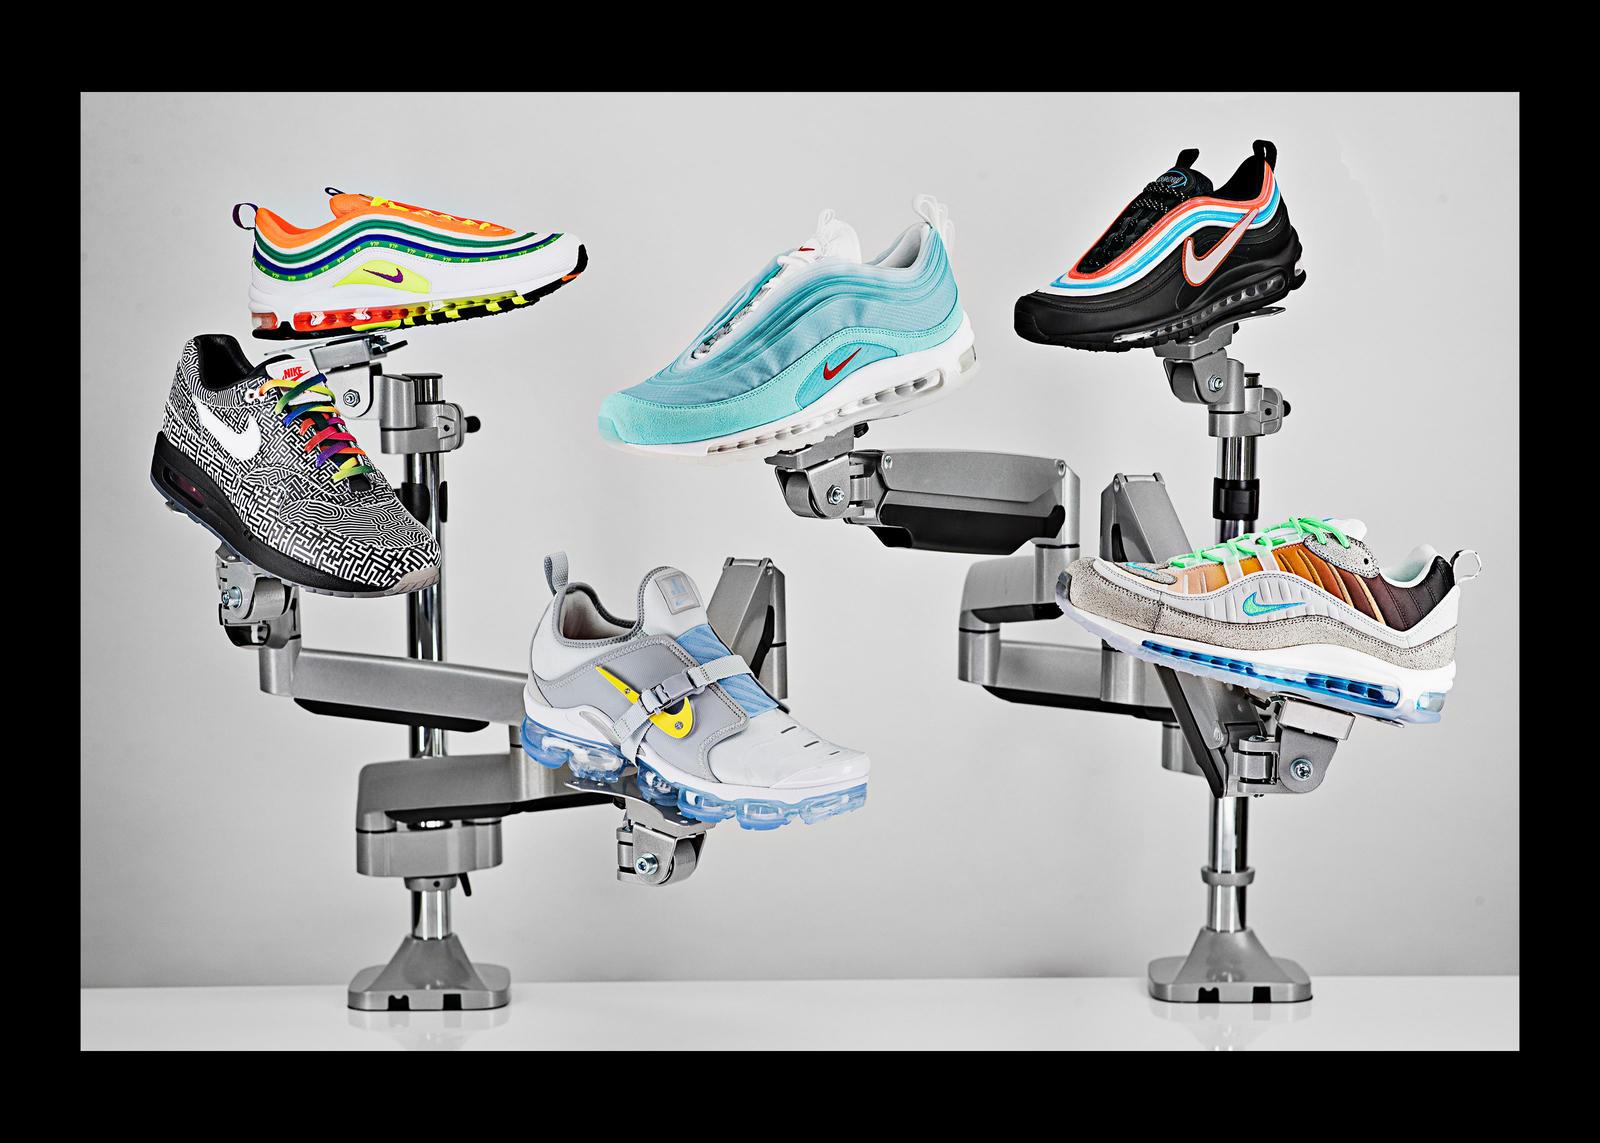 adidas Yeezy Nike Schuhe Geschäft Deutschland NIKE AIR MAX